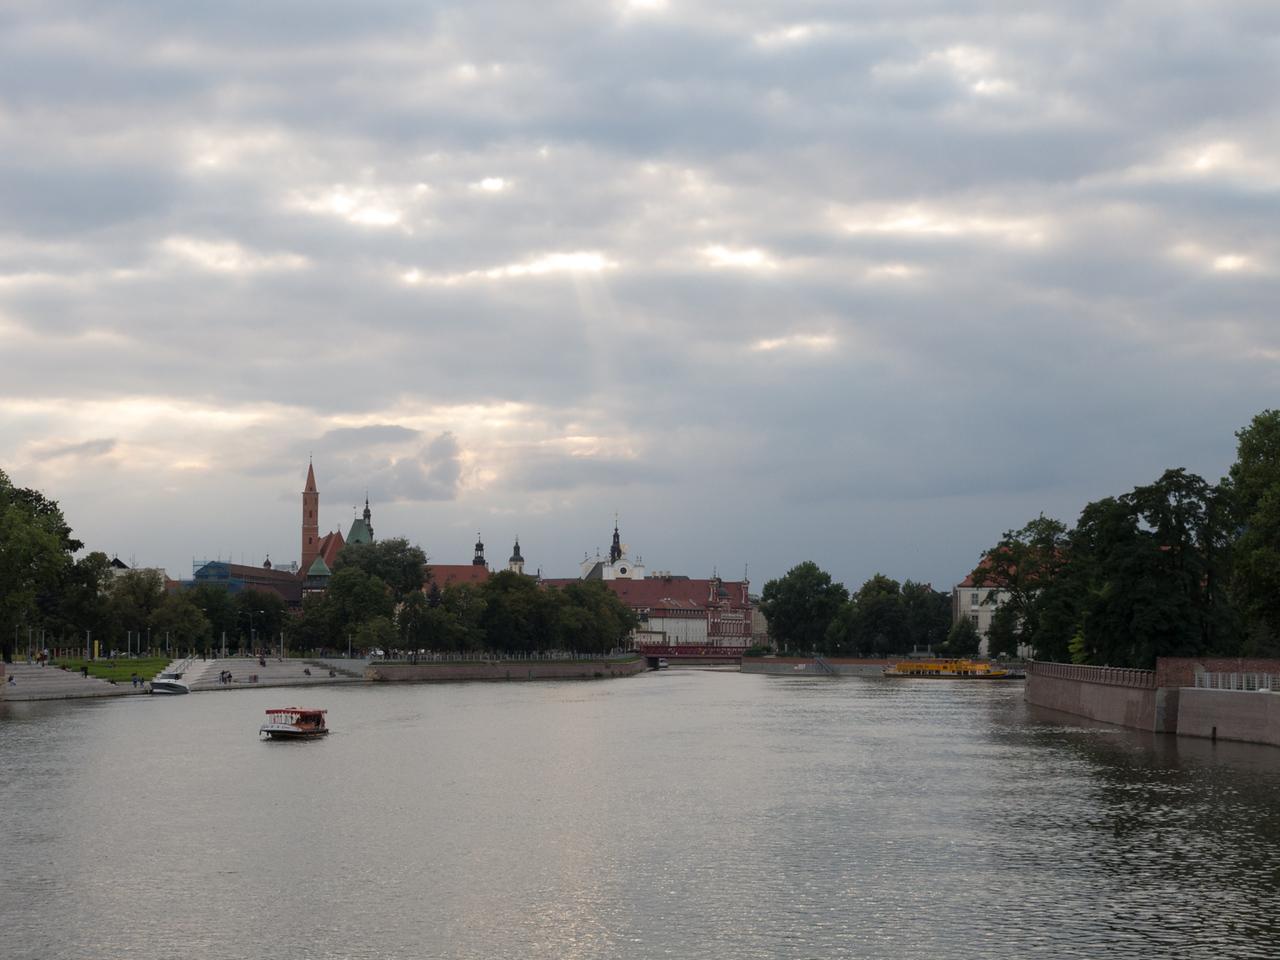 wroclaw_2016-08-10_185848